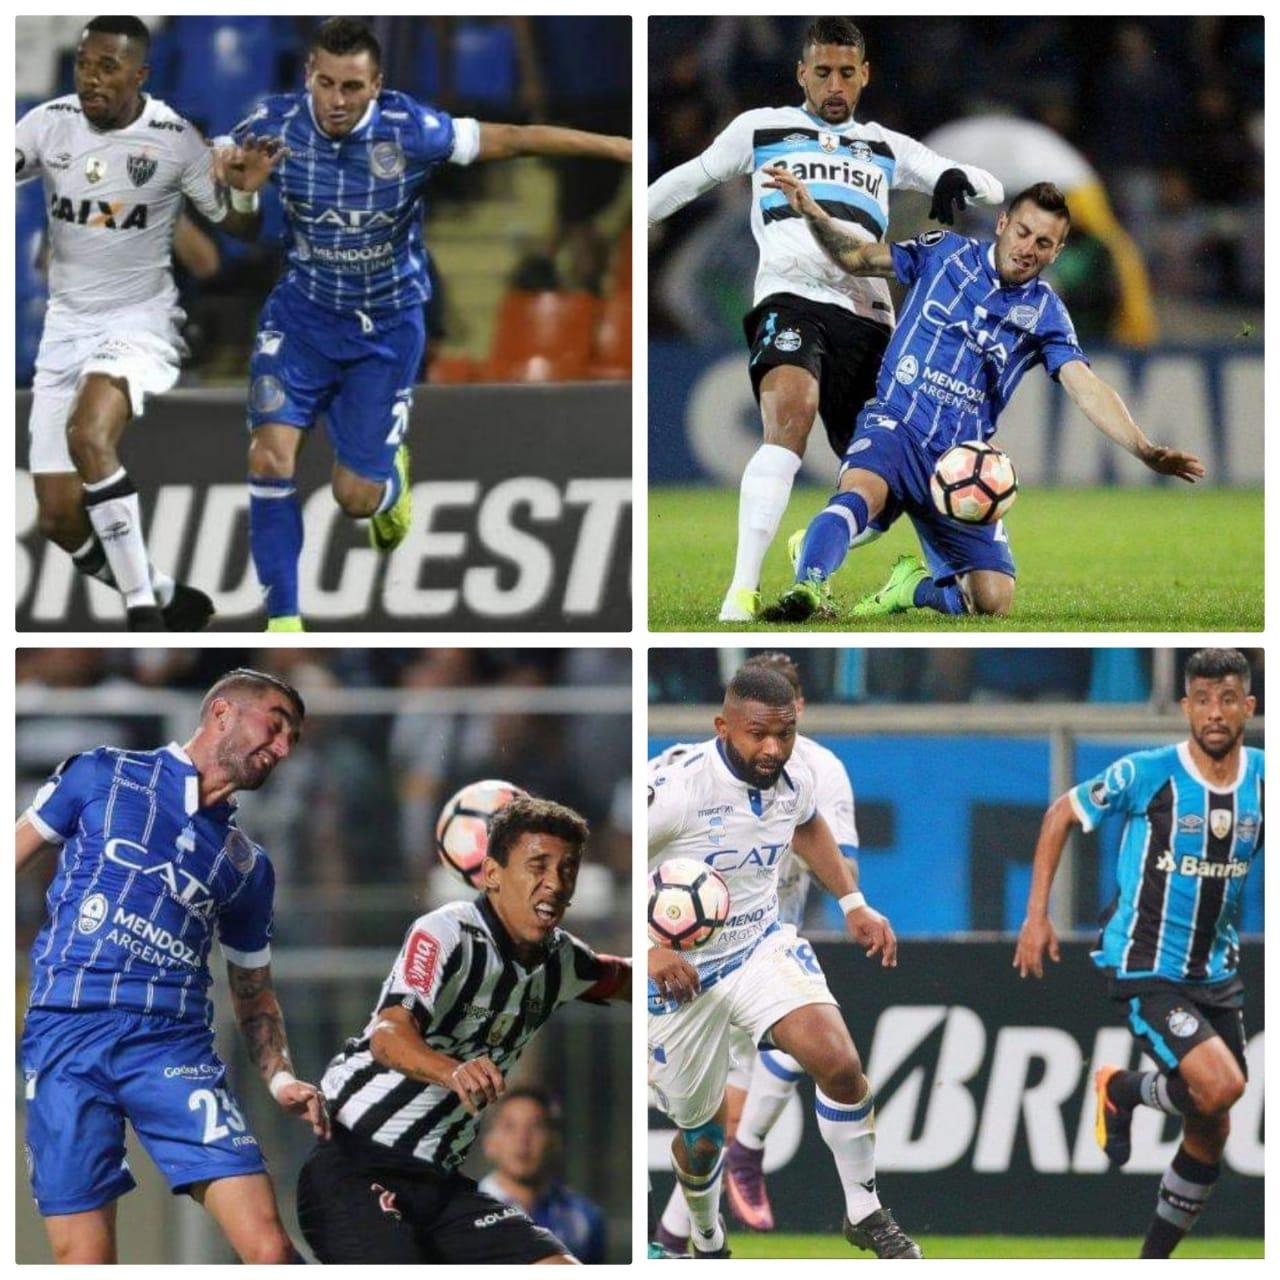 El historial de Godoy Cruz frente a equipos brasileños